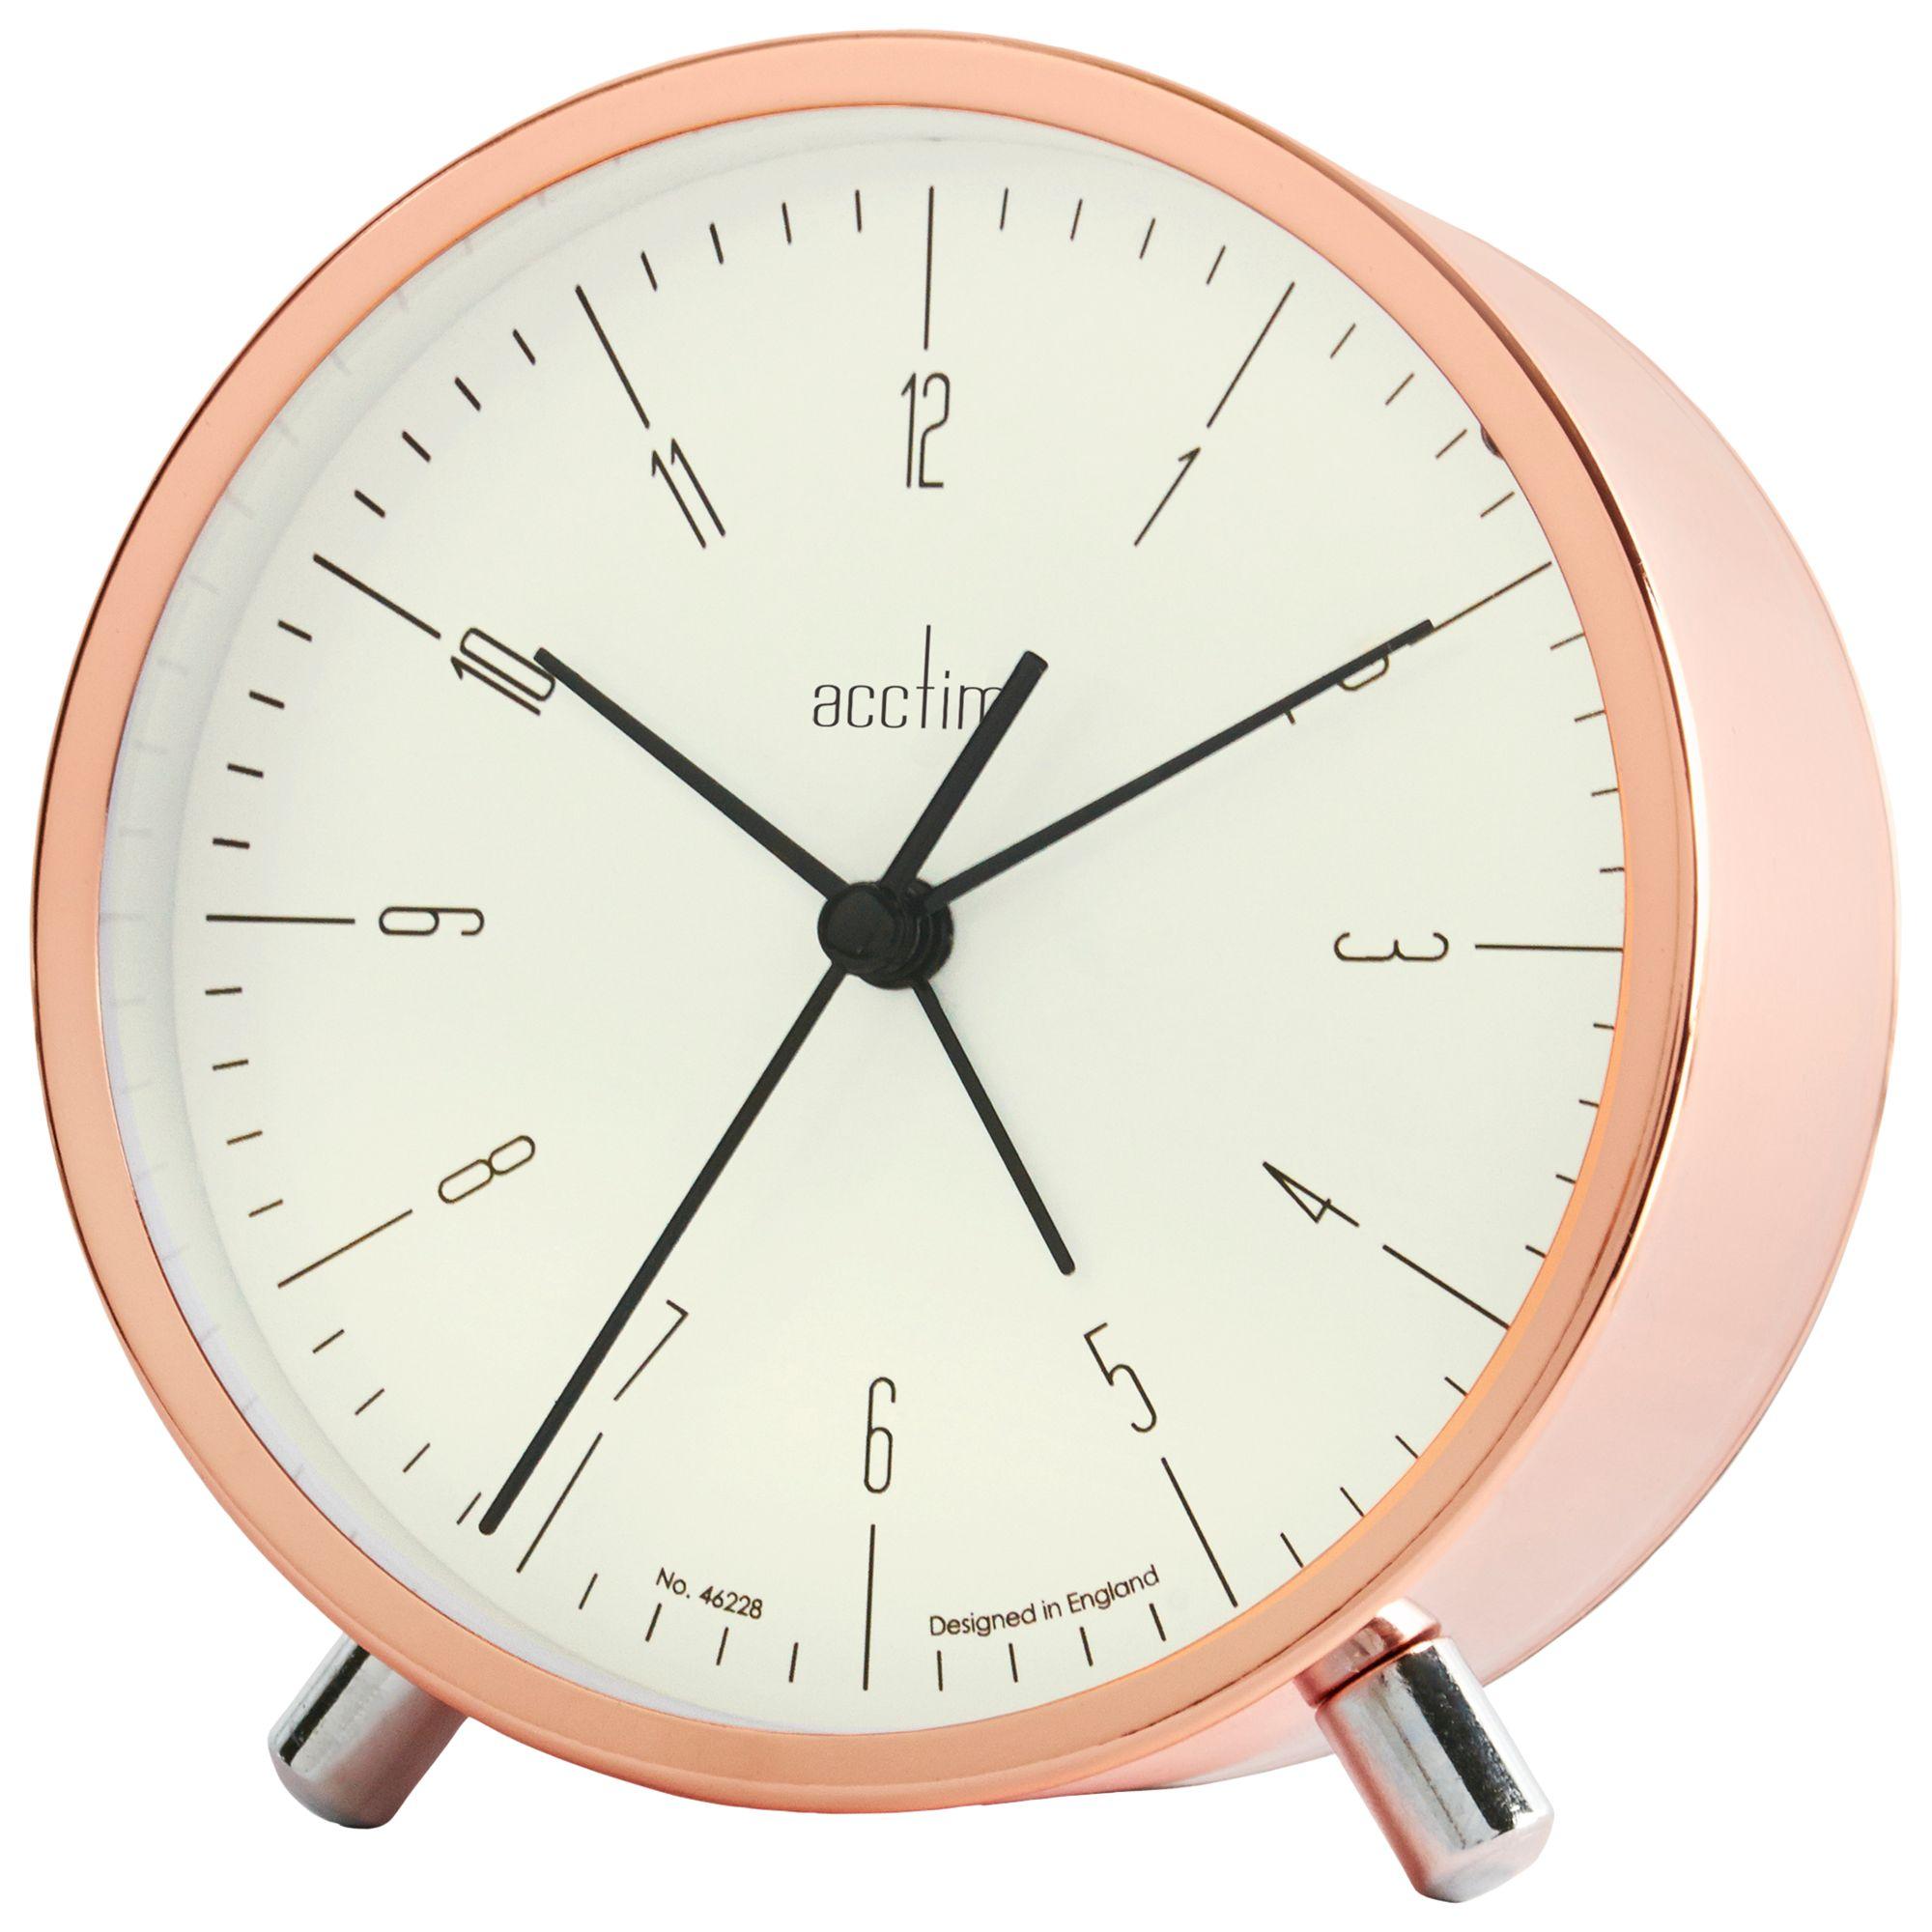 Acctim Acctim Evo Alarm Clock, Copper